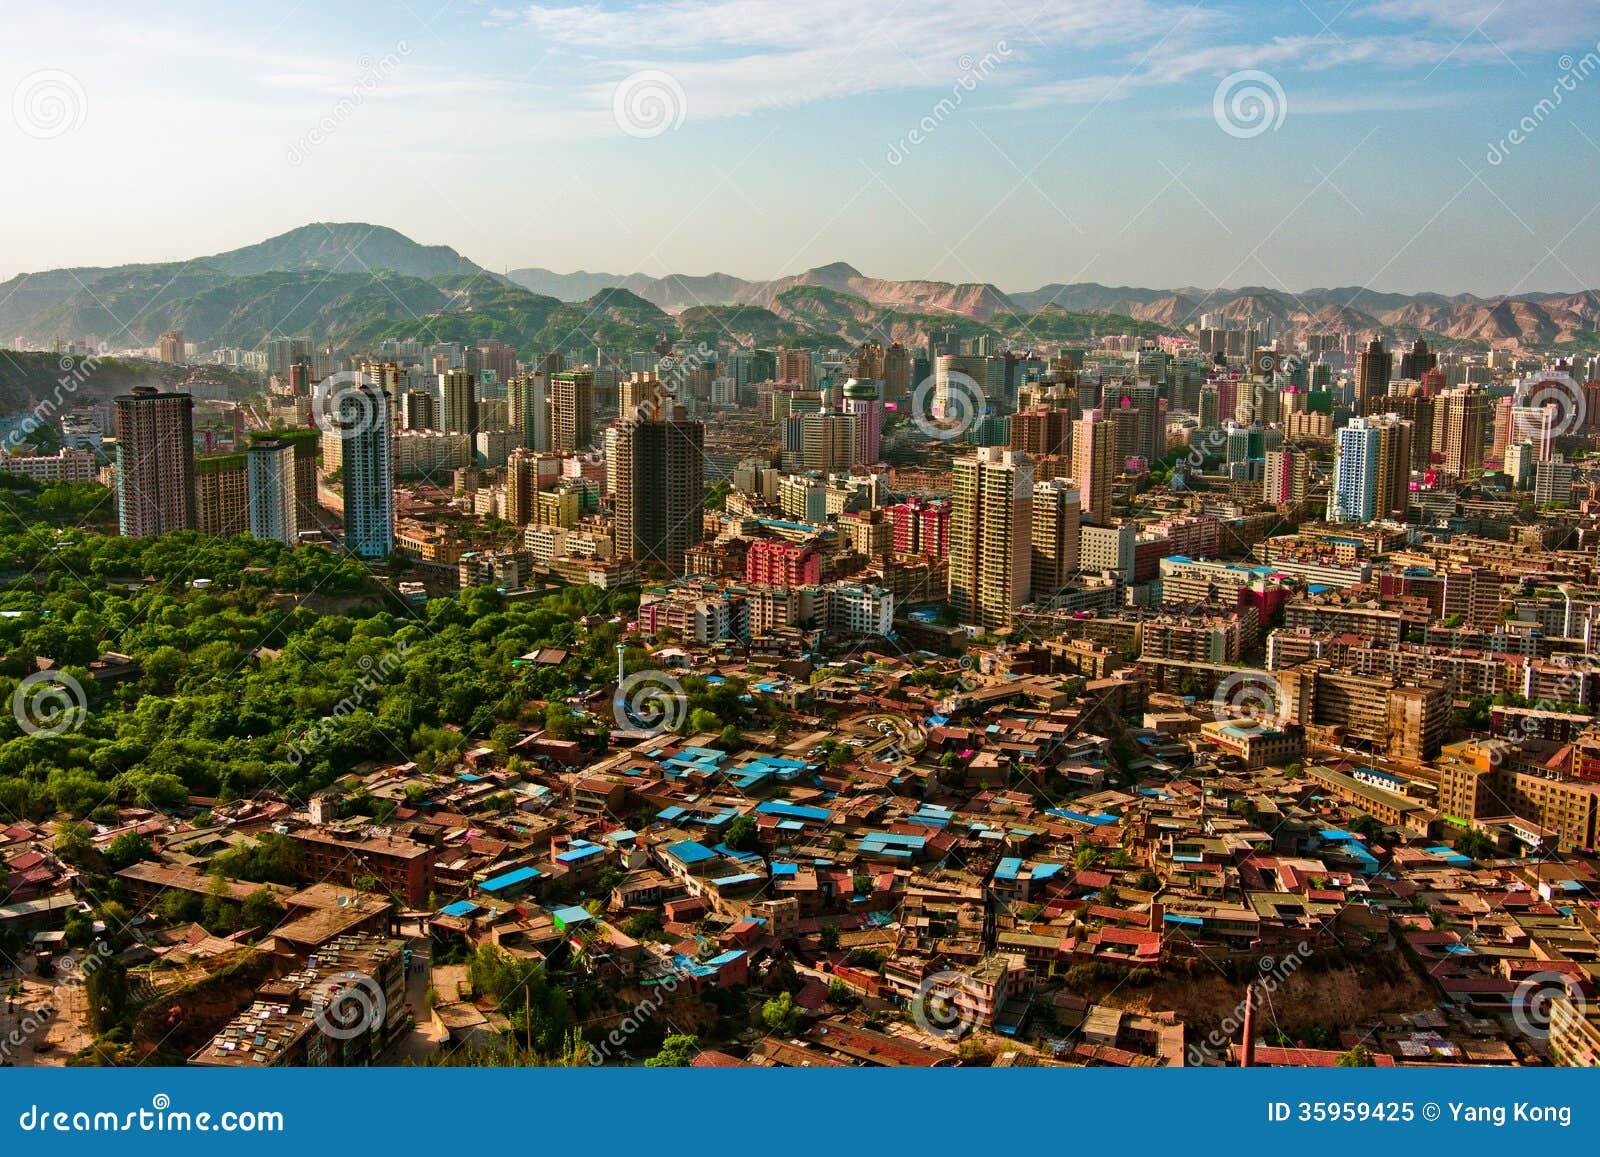 Una vista panorámica de la ciudad, Lanzhou, Gansu, China